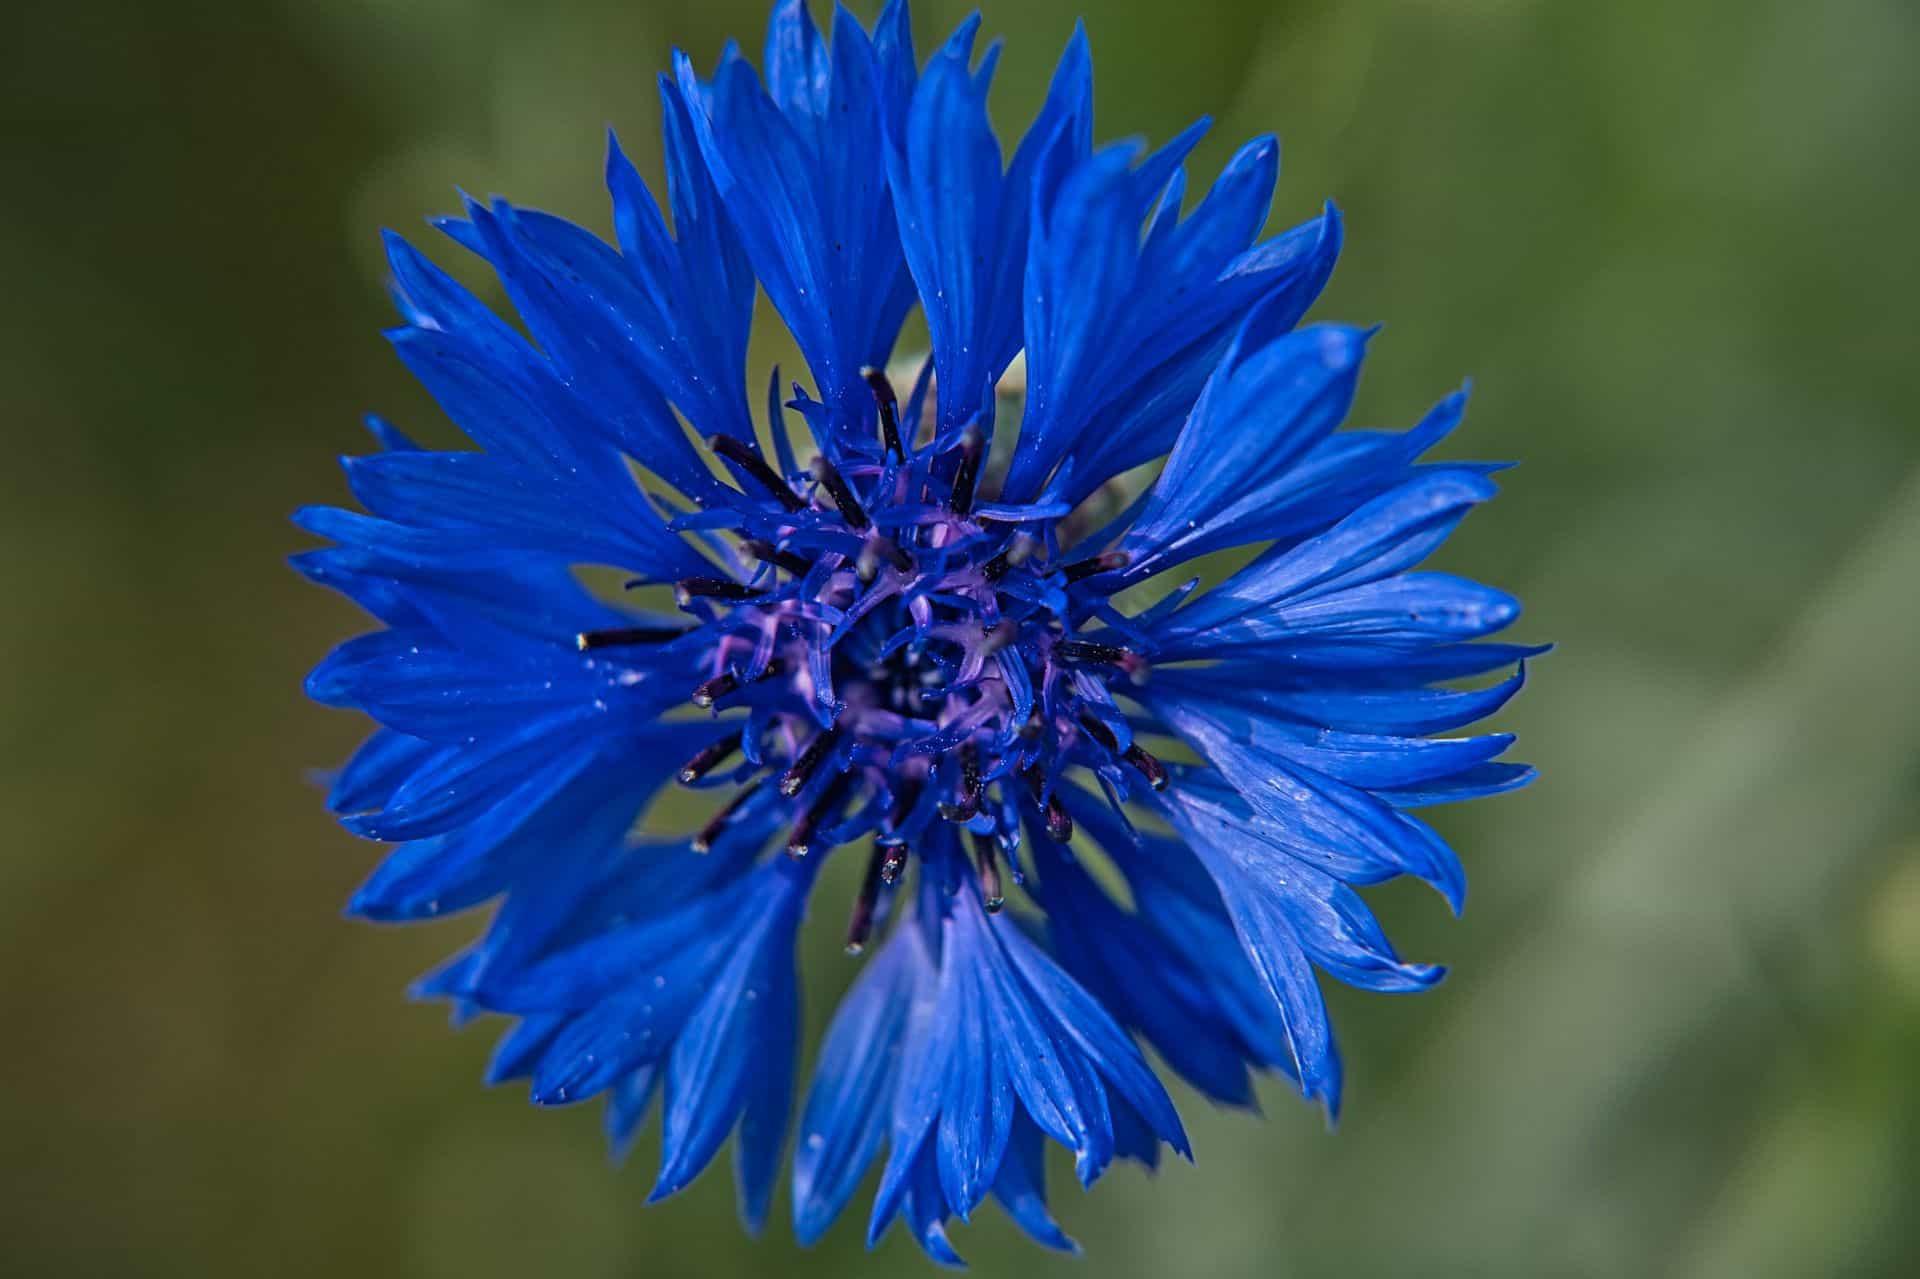 Einfach schön: die blaue Kornblume